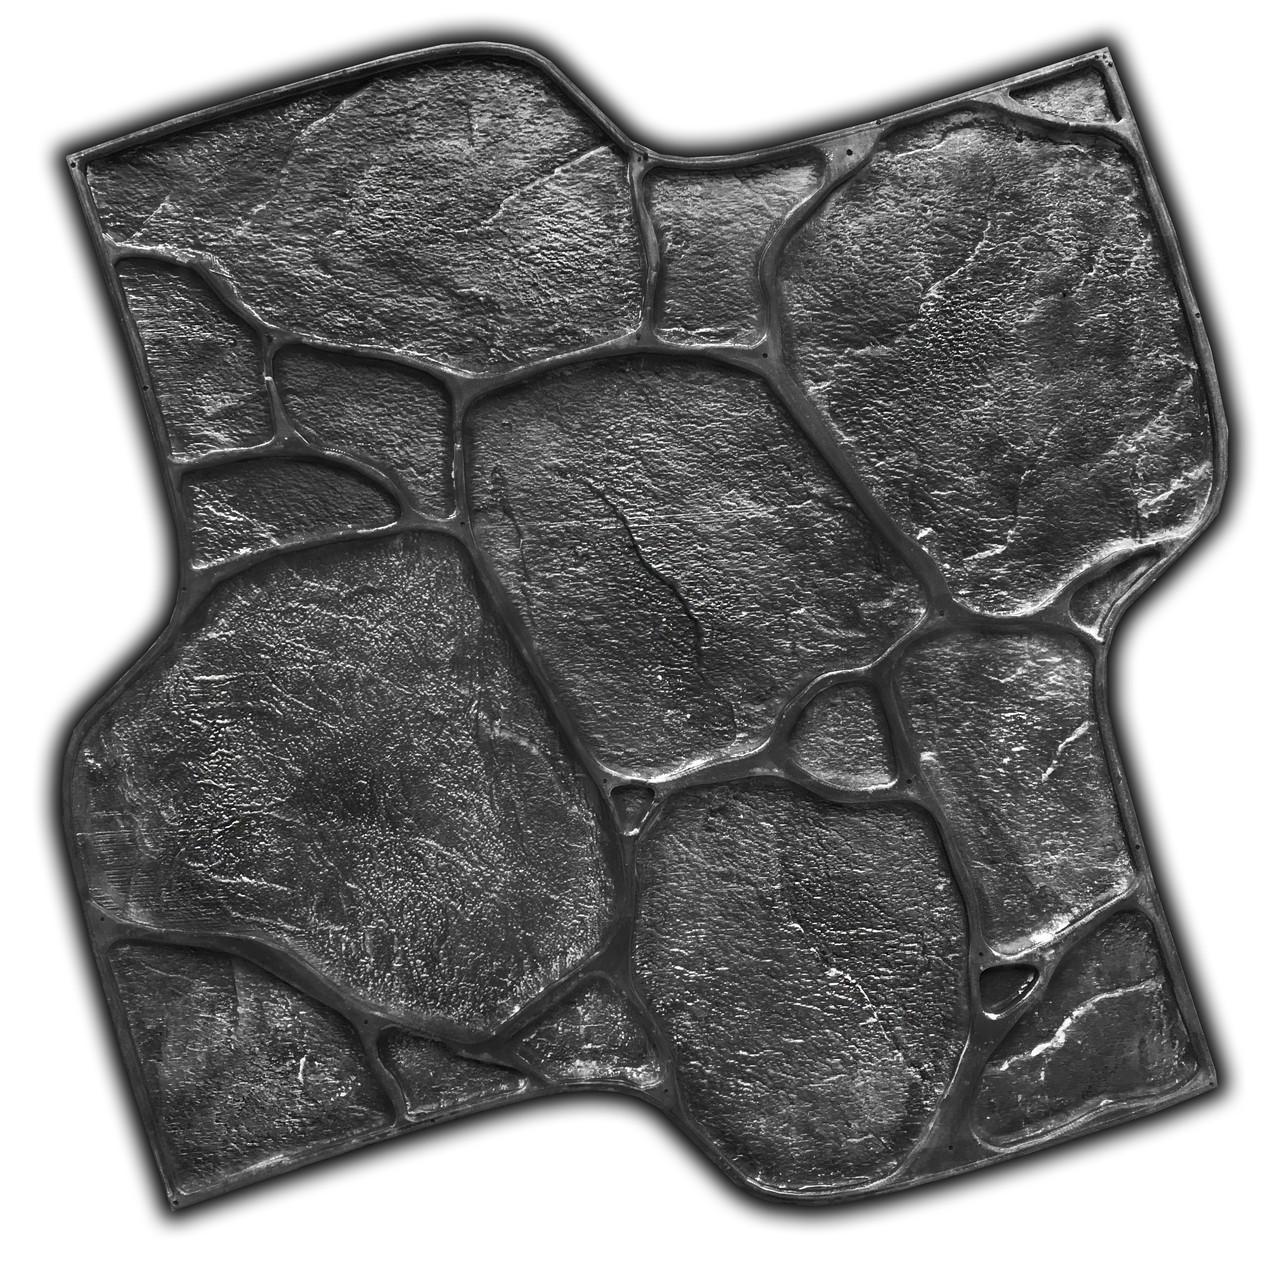 Садовый камень Галька - штамп 600х600 мм из вулканизированной резины; оттиск с имитацией камня для бетона